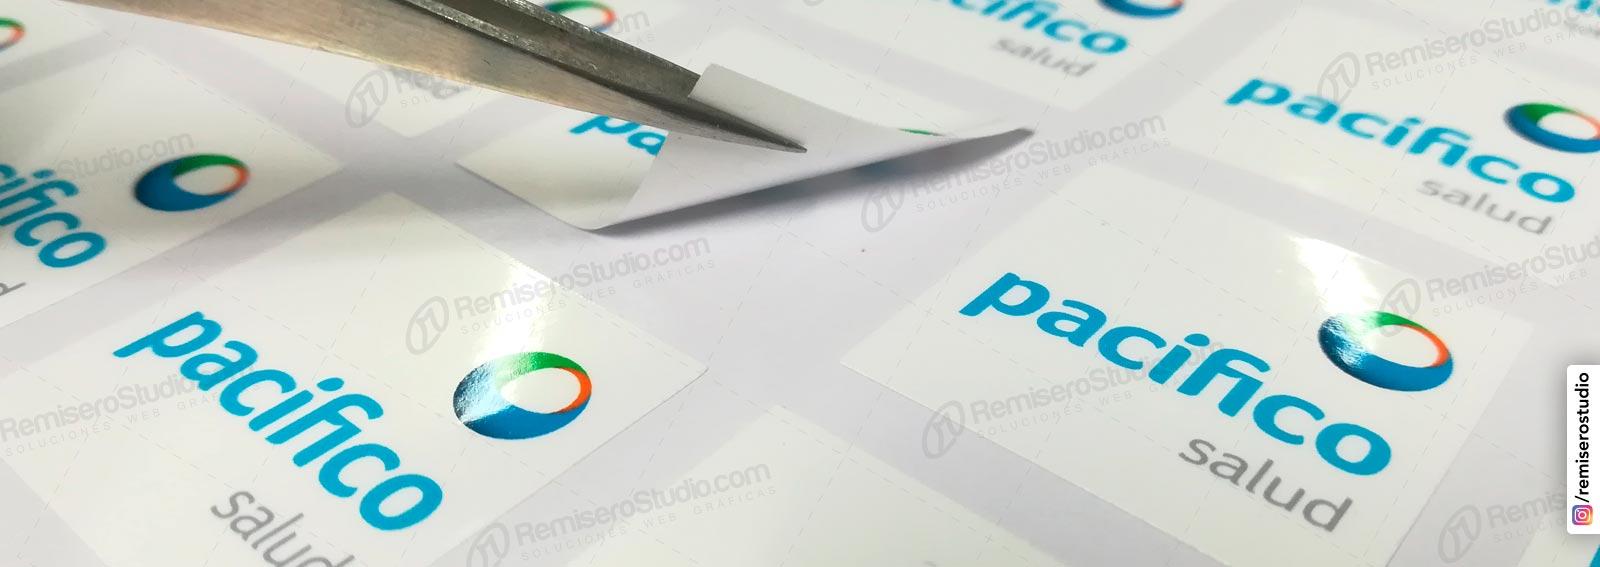 Impresión laser de stickers adhesivos y etiquetas a demanda